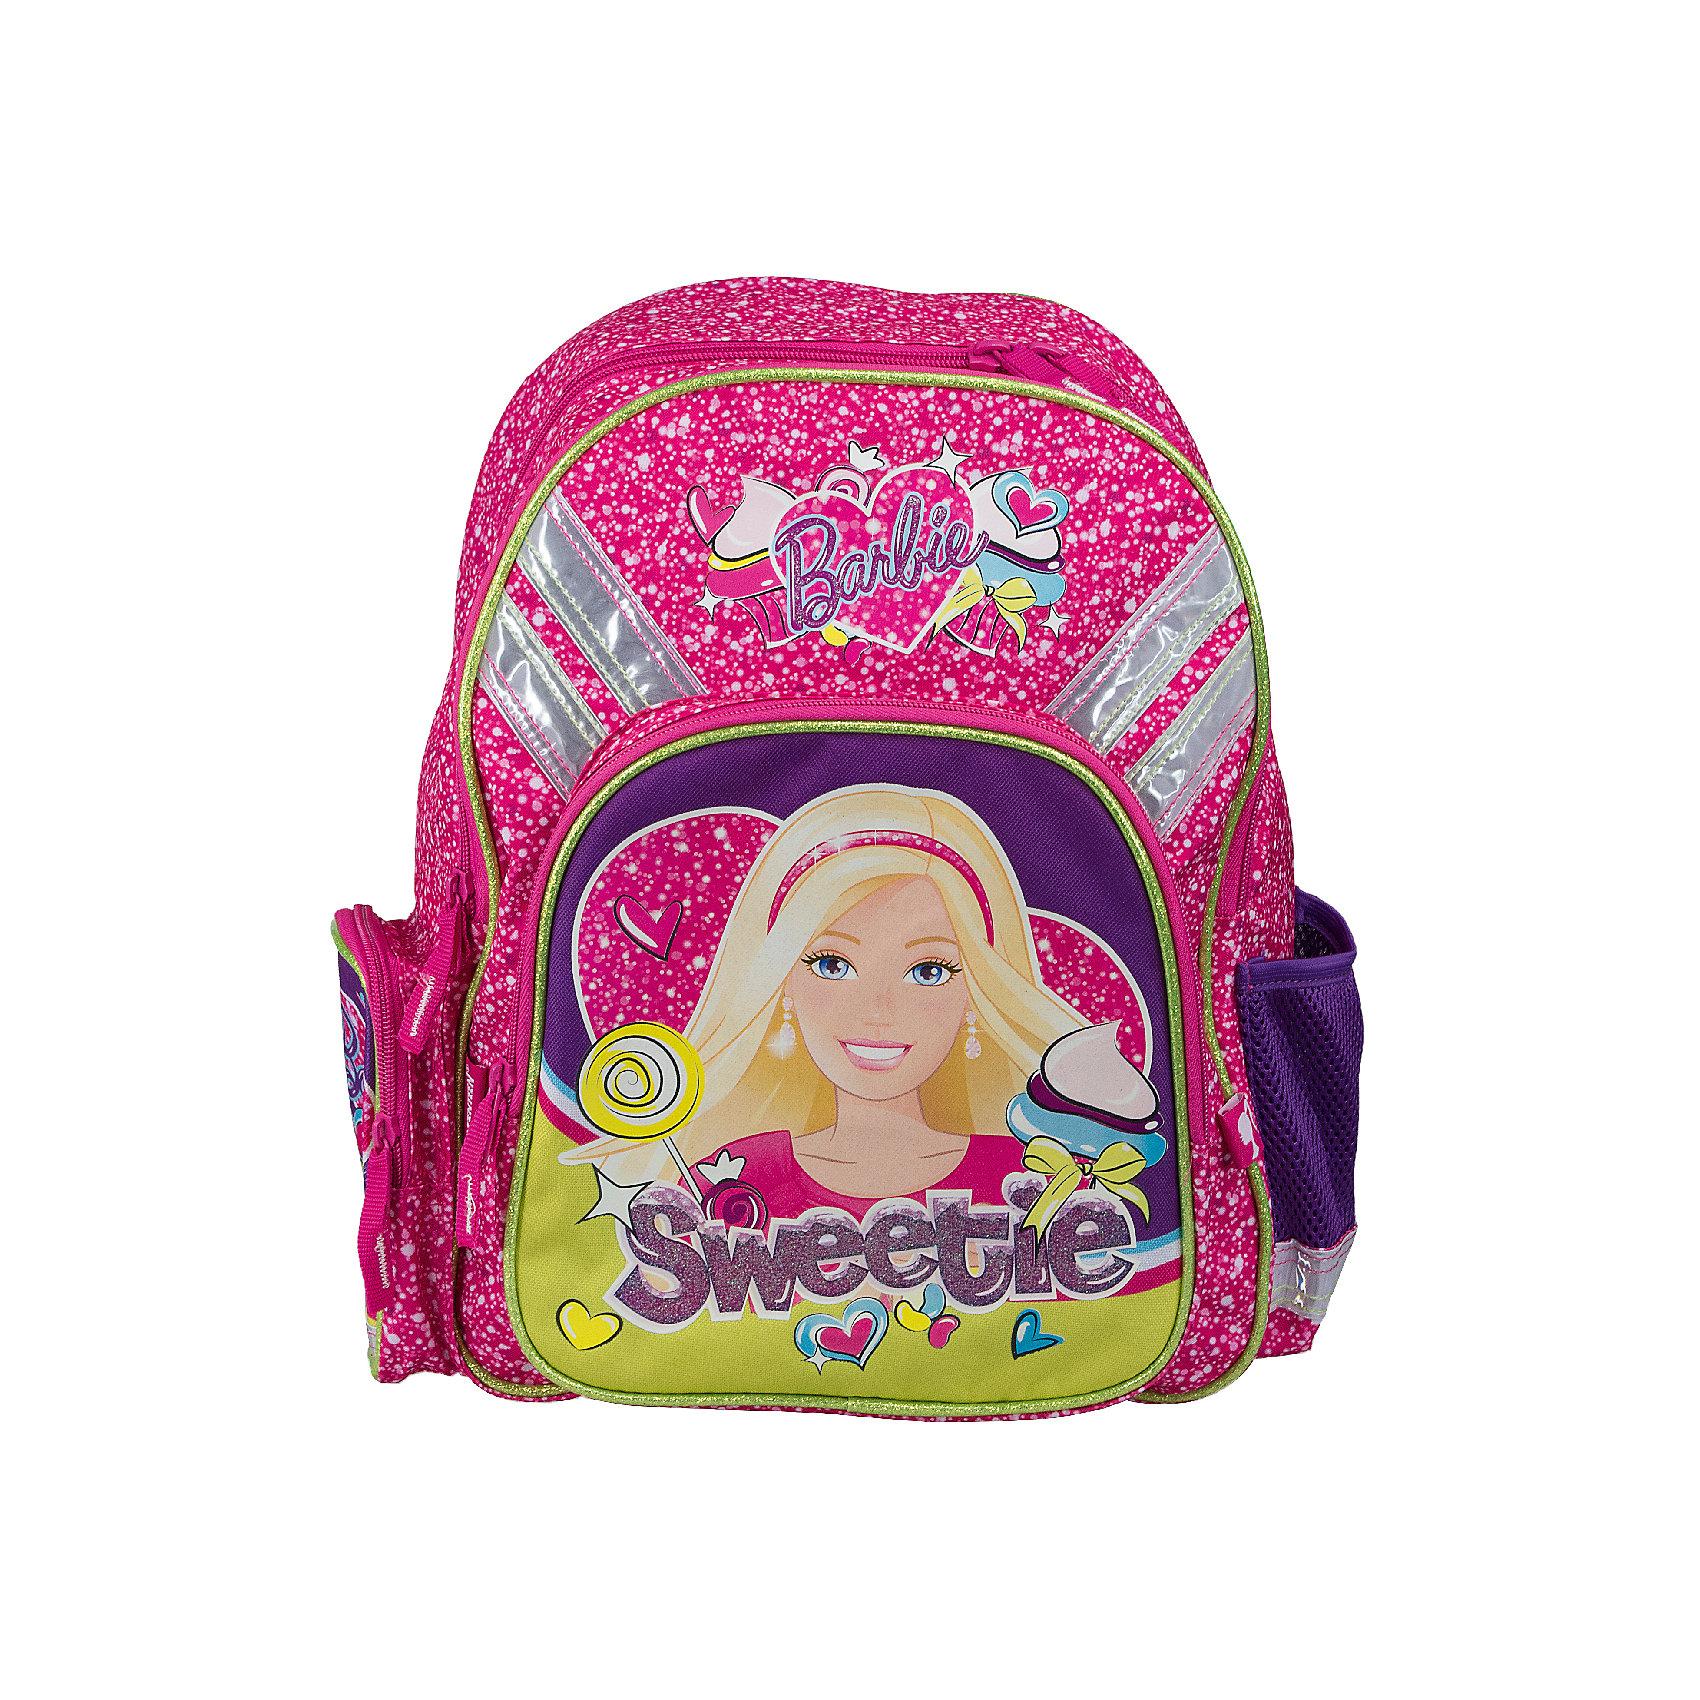 Эргономичный рюкзак с EVA-спинкой, BarbieРюкзак с эргономической EVA-спинкой, Barbie - идеальный вариант для школьных занятий. Рюкзак выполнен из прочного полиэстера яркой розовой расцветки, имеет привлекательный для девочек дизайн и украшен изображением популярной куклы Барби. Благодаря плотной<br>эргономической спинке позвоночник ребенка не будет испытывать больших нагрузок во время эксплуатации рюкзака. Широкие лямки S-образной формы с поролоном и воздухообменным сетчатым материалом регулируются по длине и равномерно распределяют нагрузку на плечевой пояс. Также есть удобная текстильная ручка с резиновой накладкой, за которую можно нести рюкзак. Жесткое дно в виде раскладной панели с пластиковой вставкой защитит содержимое рюкзака от повреждений. <br><br>Рюкзак закрывается на застежку-молнию. Внутри два больших отделения на молнии, основное отделение с двумя перегородками для тетрадей или учебников. На лицевой стороне расположен большой накладной карман на молнии, а также два маленьких кармана по бокам. Светоотражающие элементы обеспечивают безопасность в темное время суток.<br><br>Дополнительная информация:<br><br>- Материал: полиэстер, текстиль, пластик, металл. <br>- Размер: 38 х 29 х 15 см.<br>- Вес: 0,546 кг.<br><br>Рюкзак с эргономической EVA-спинкой, Barbie, можно купить в нашем интернет-магазине.<br><br>Ширина мм: 150<br>Глубина мм: 290<br>Высота мм: 380<br>Вес г: 546<br>Возраст от месяцев: 96<br>Возраст до месяцев: 108<br>Пол: Женский<br>Возраст: Детский<br>SKU: 4489515